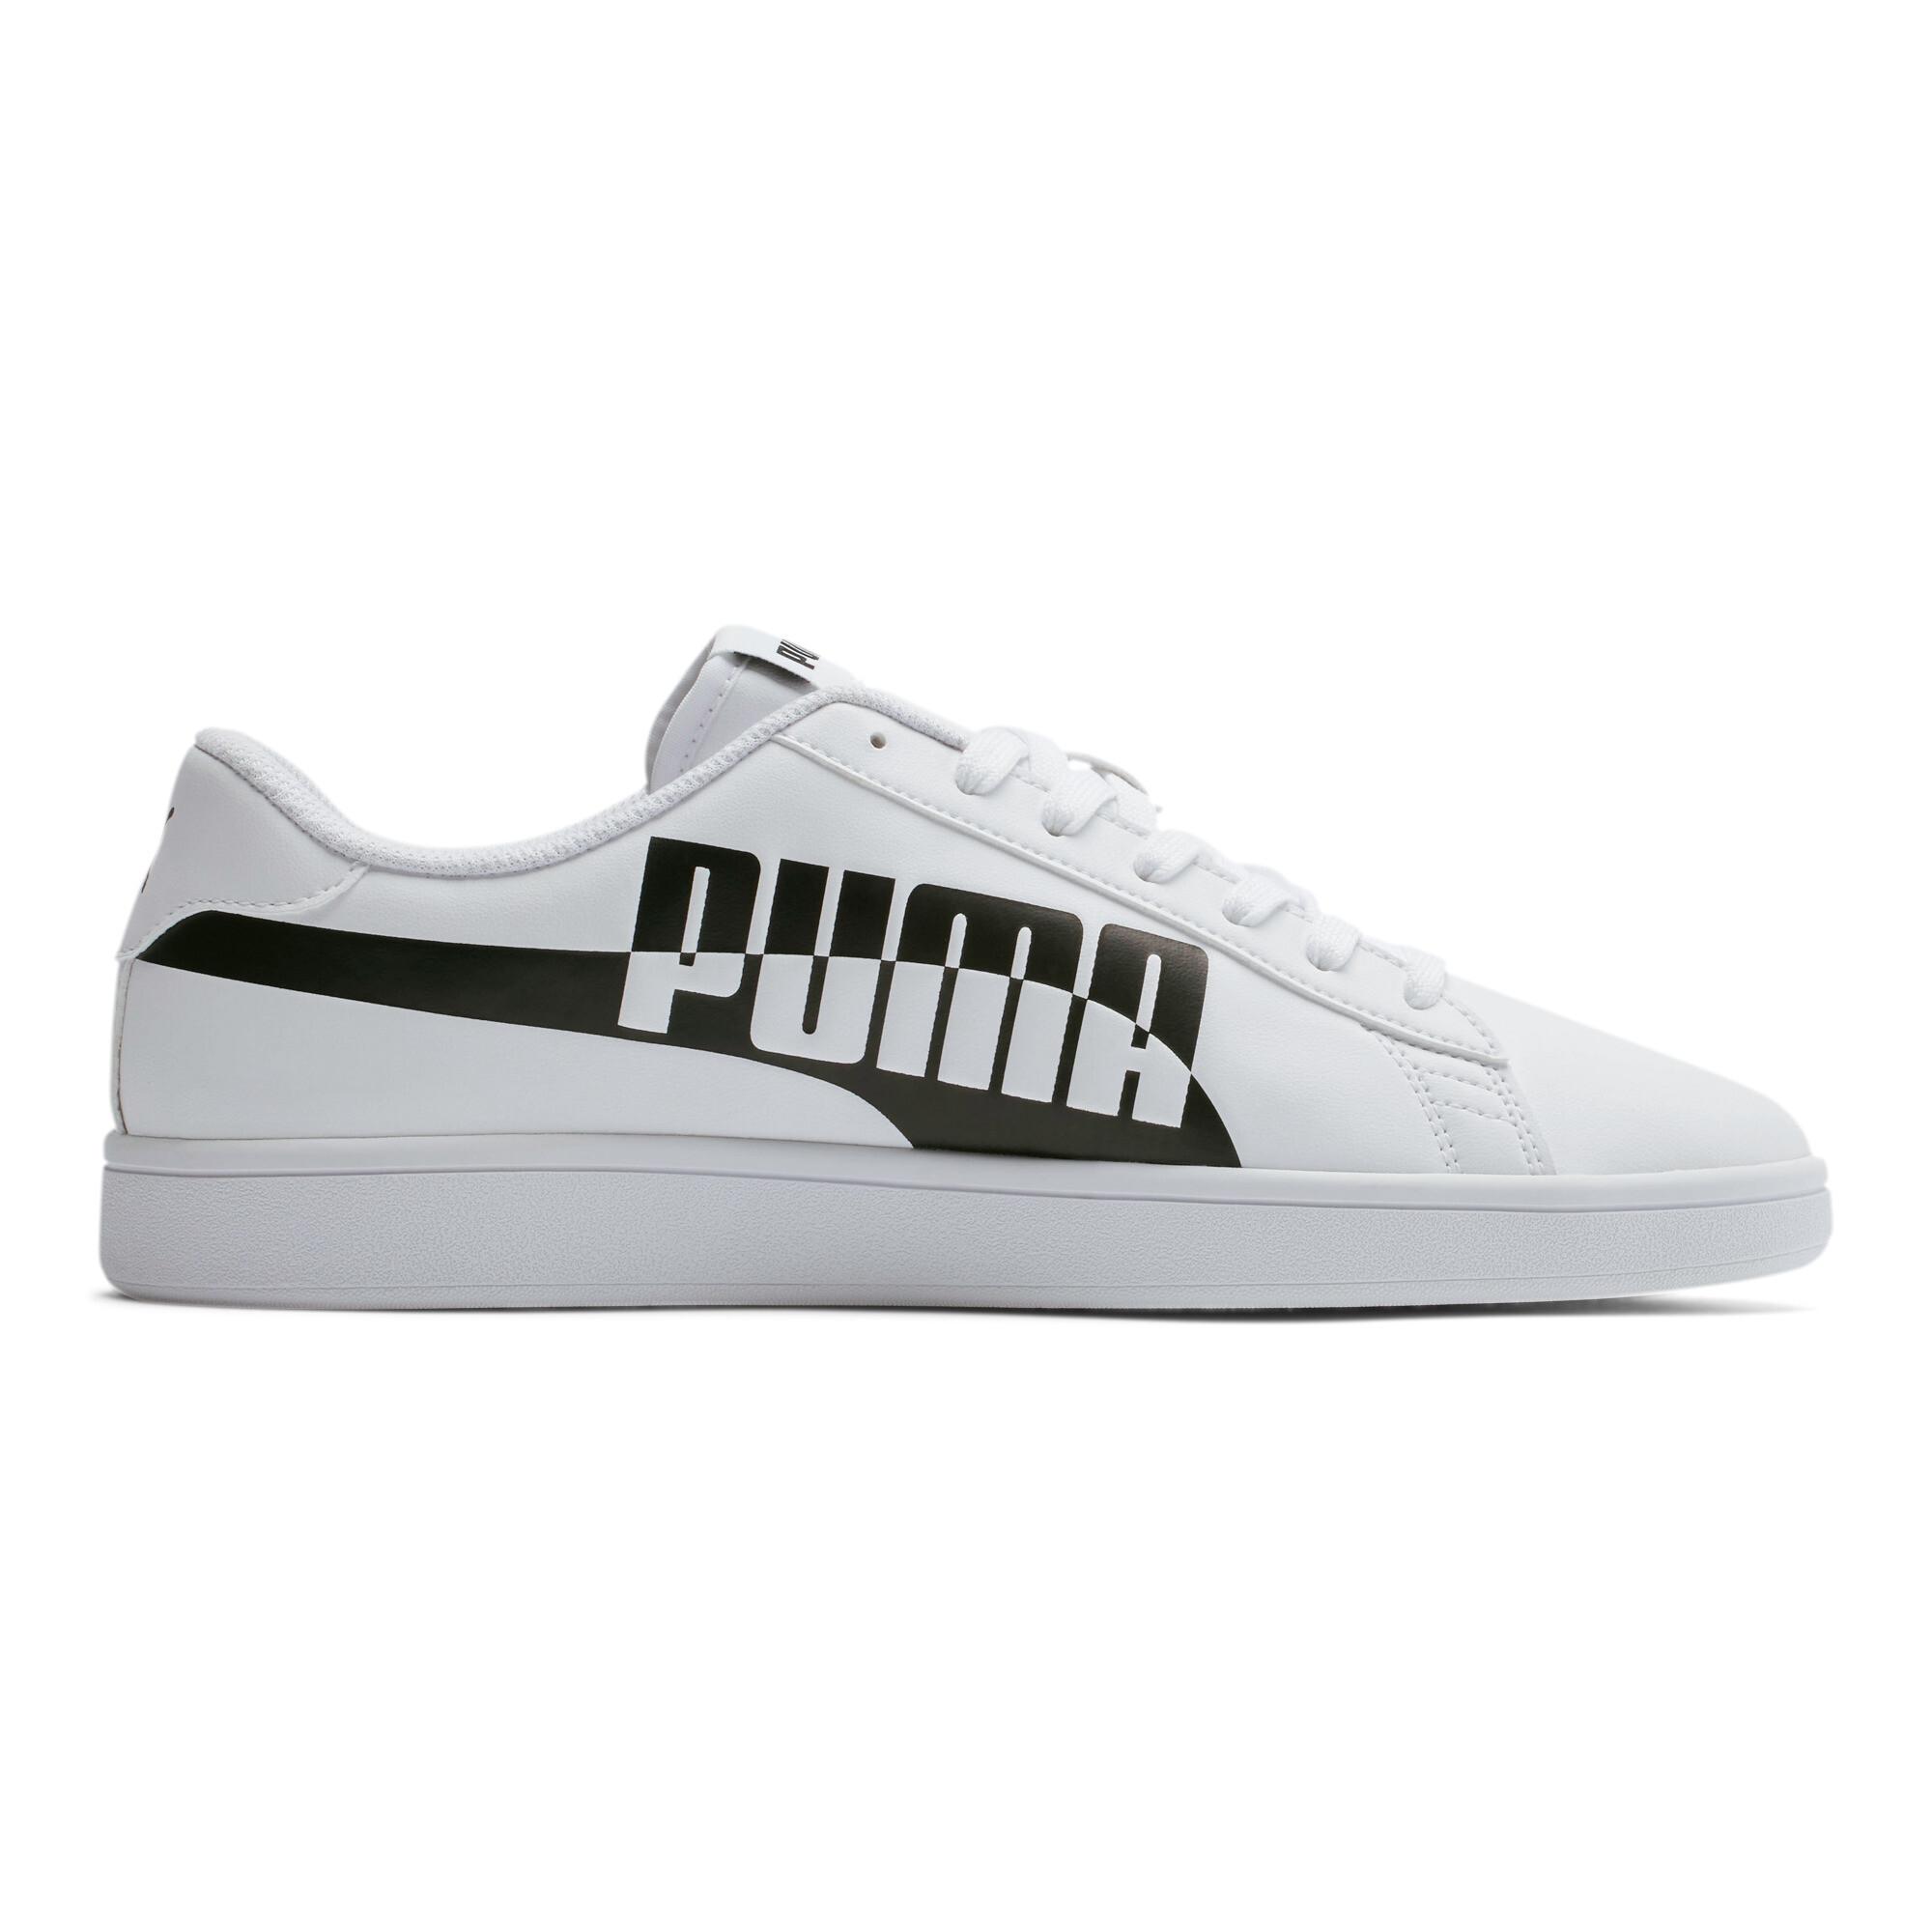 PUMA-PUMA-Smash-v2-Max-Sneakers-Men-Shoe-Basics thumbnail 16